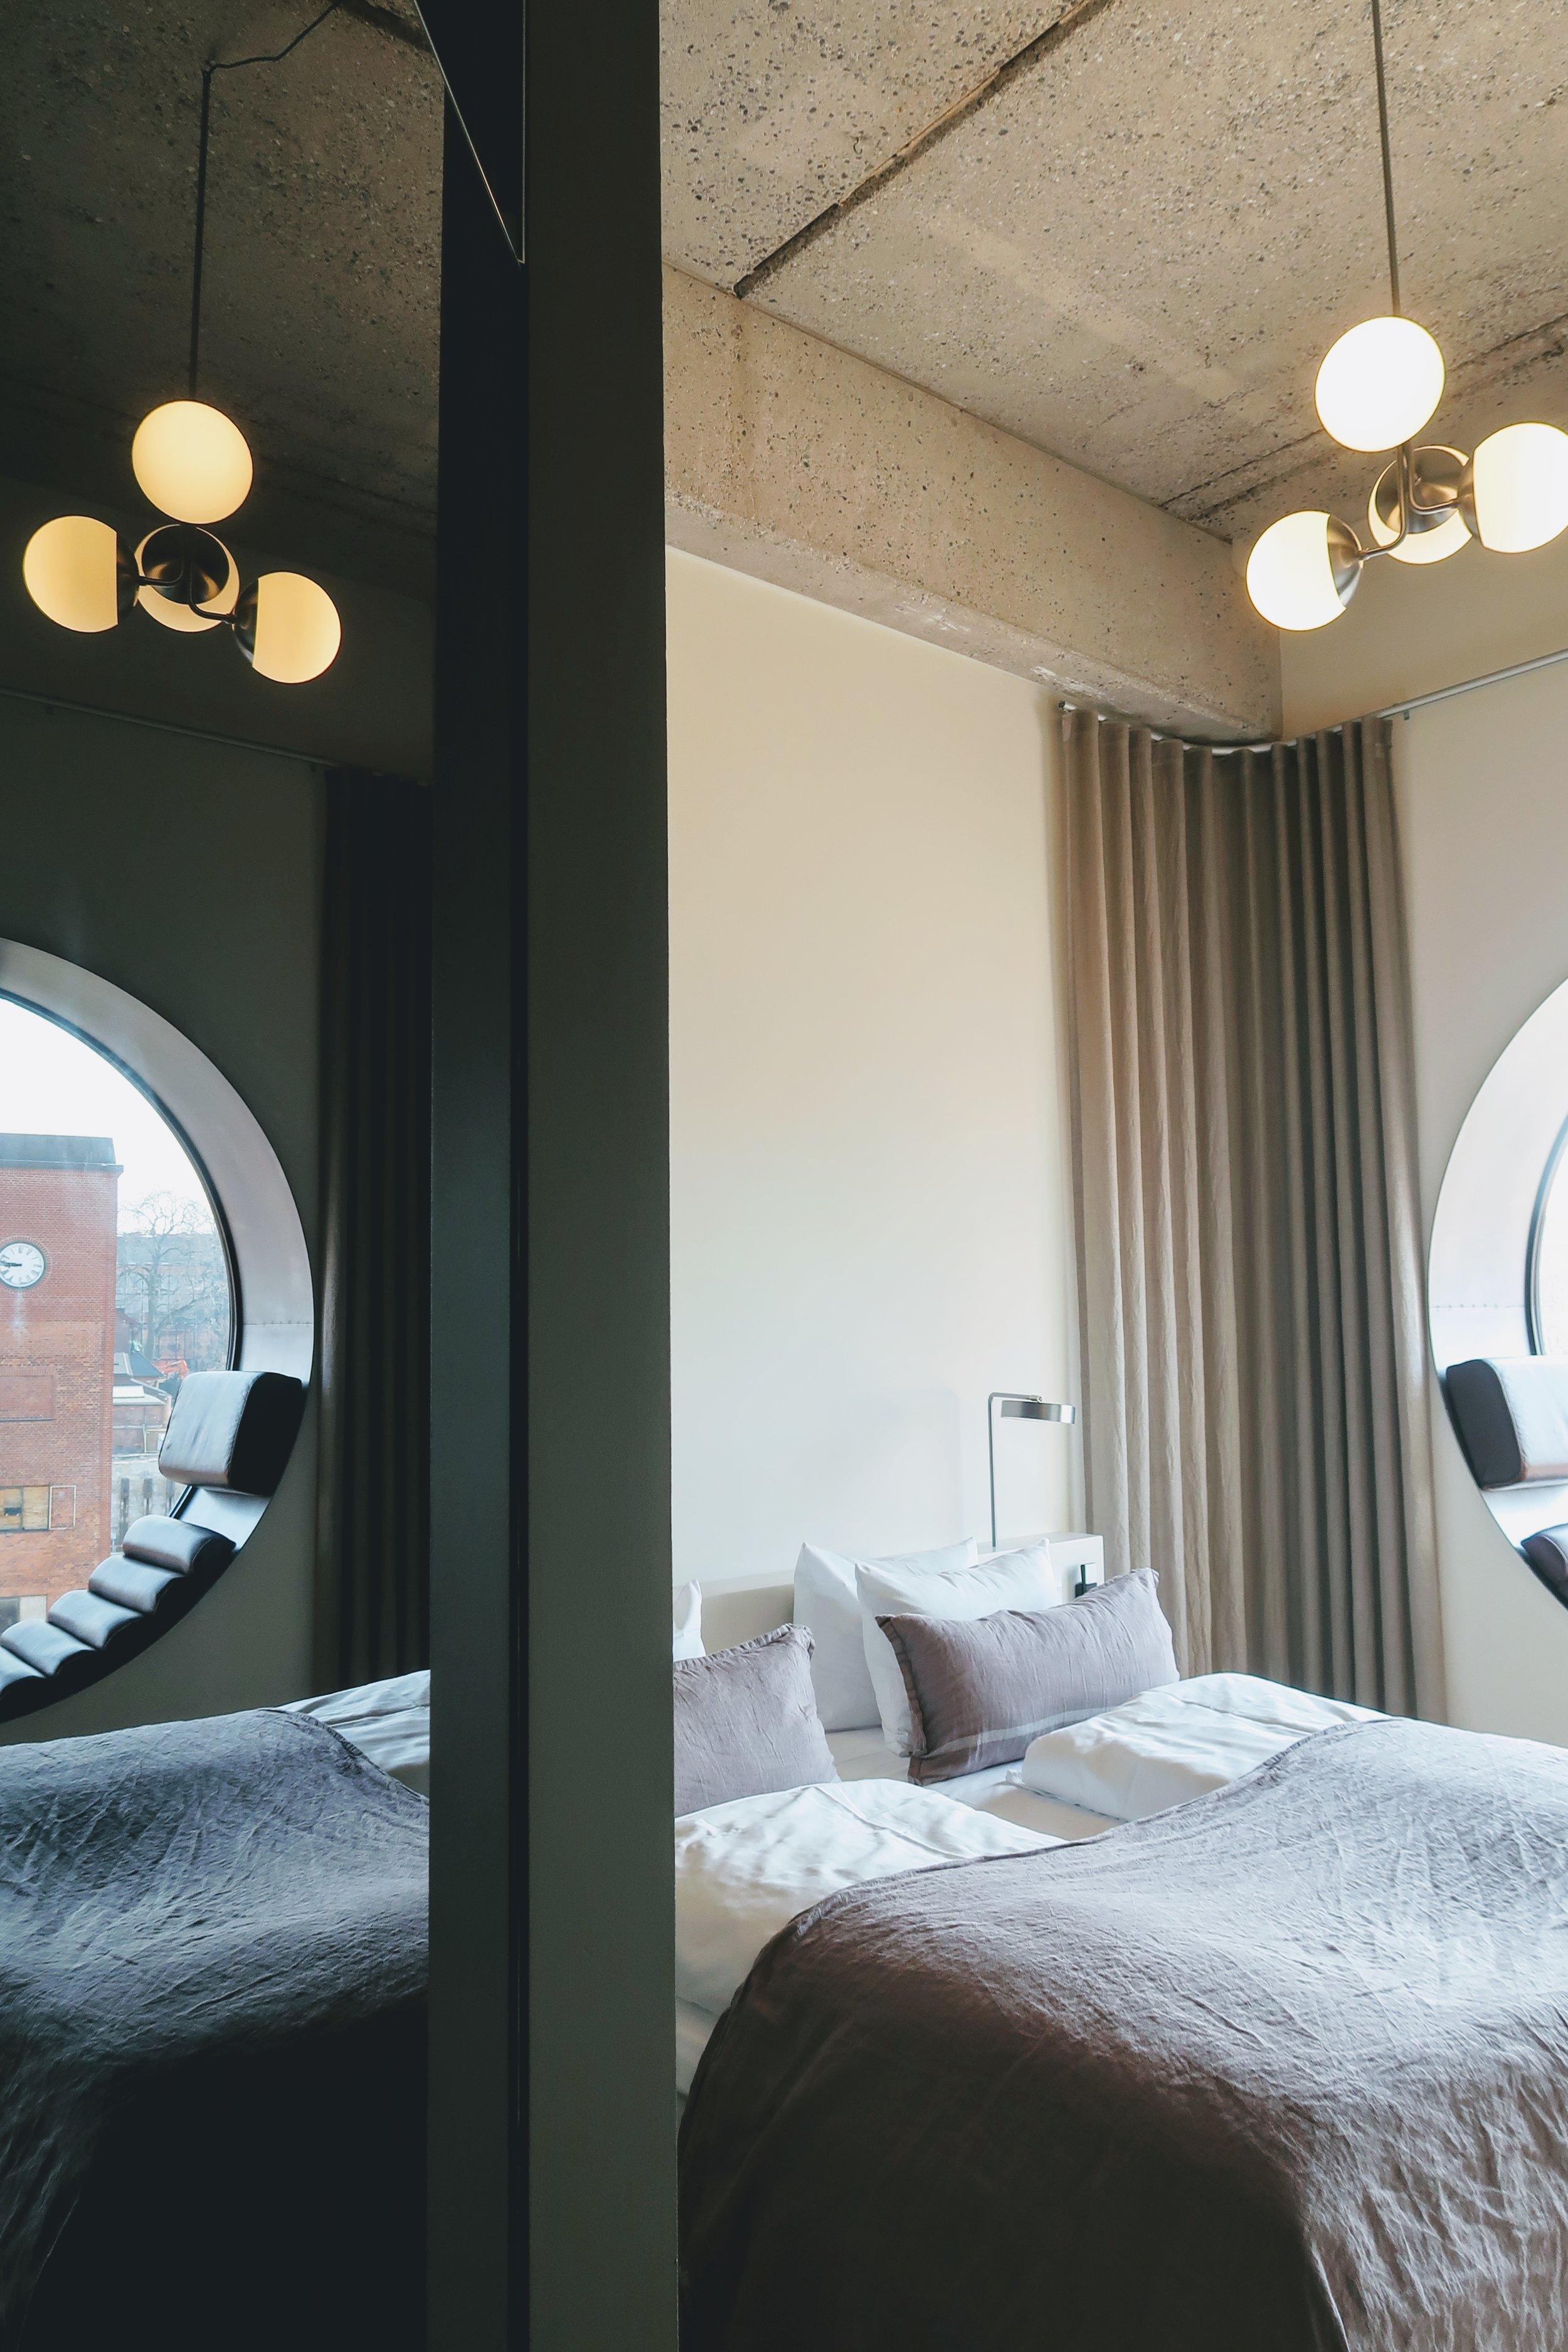 hotel-ottilia-guest-room-mirror